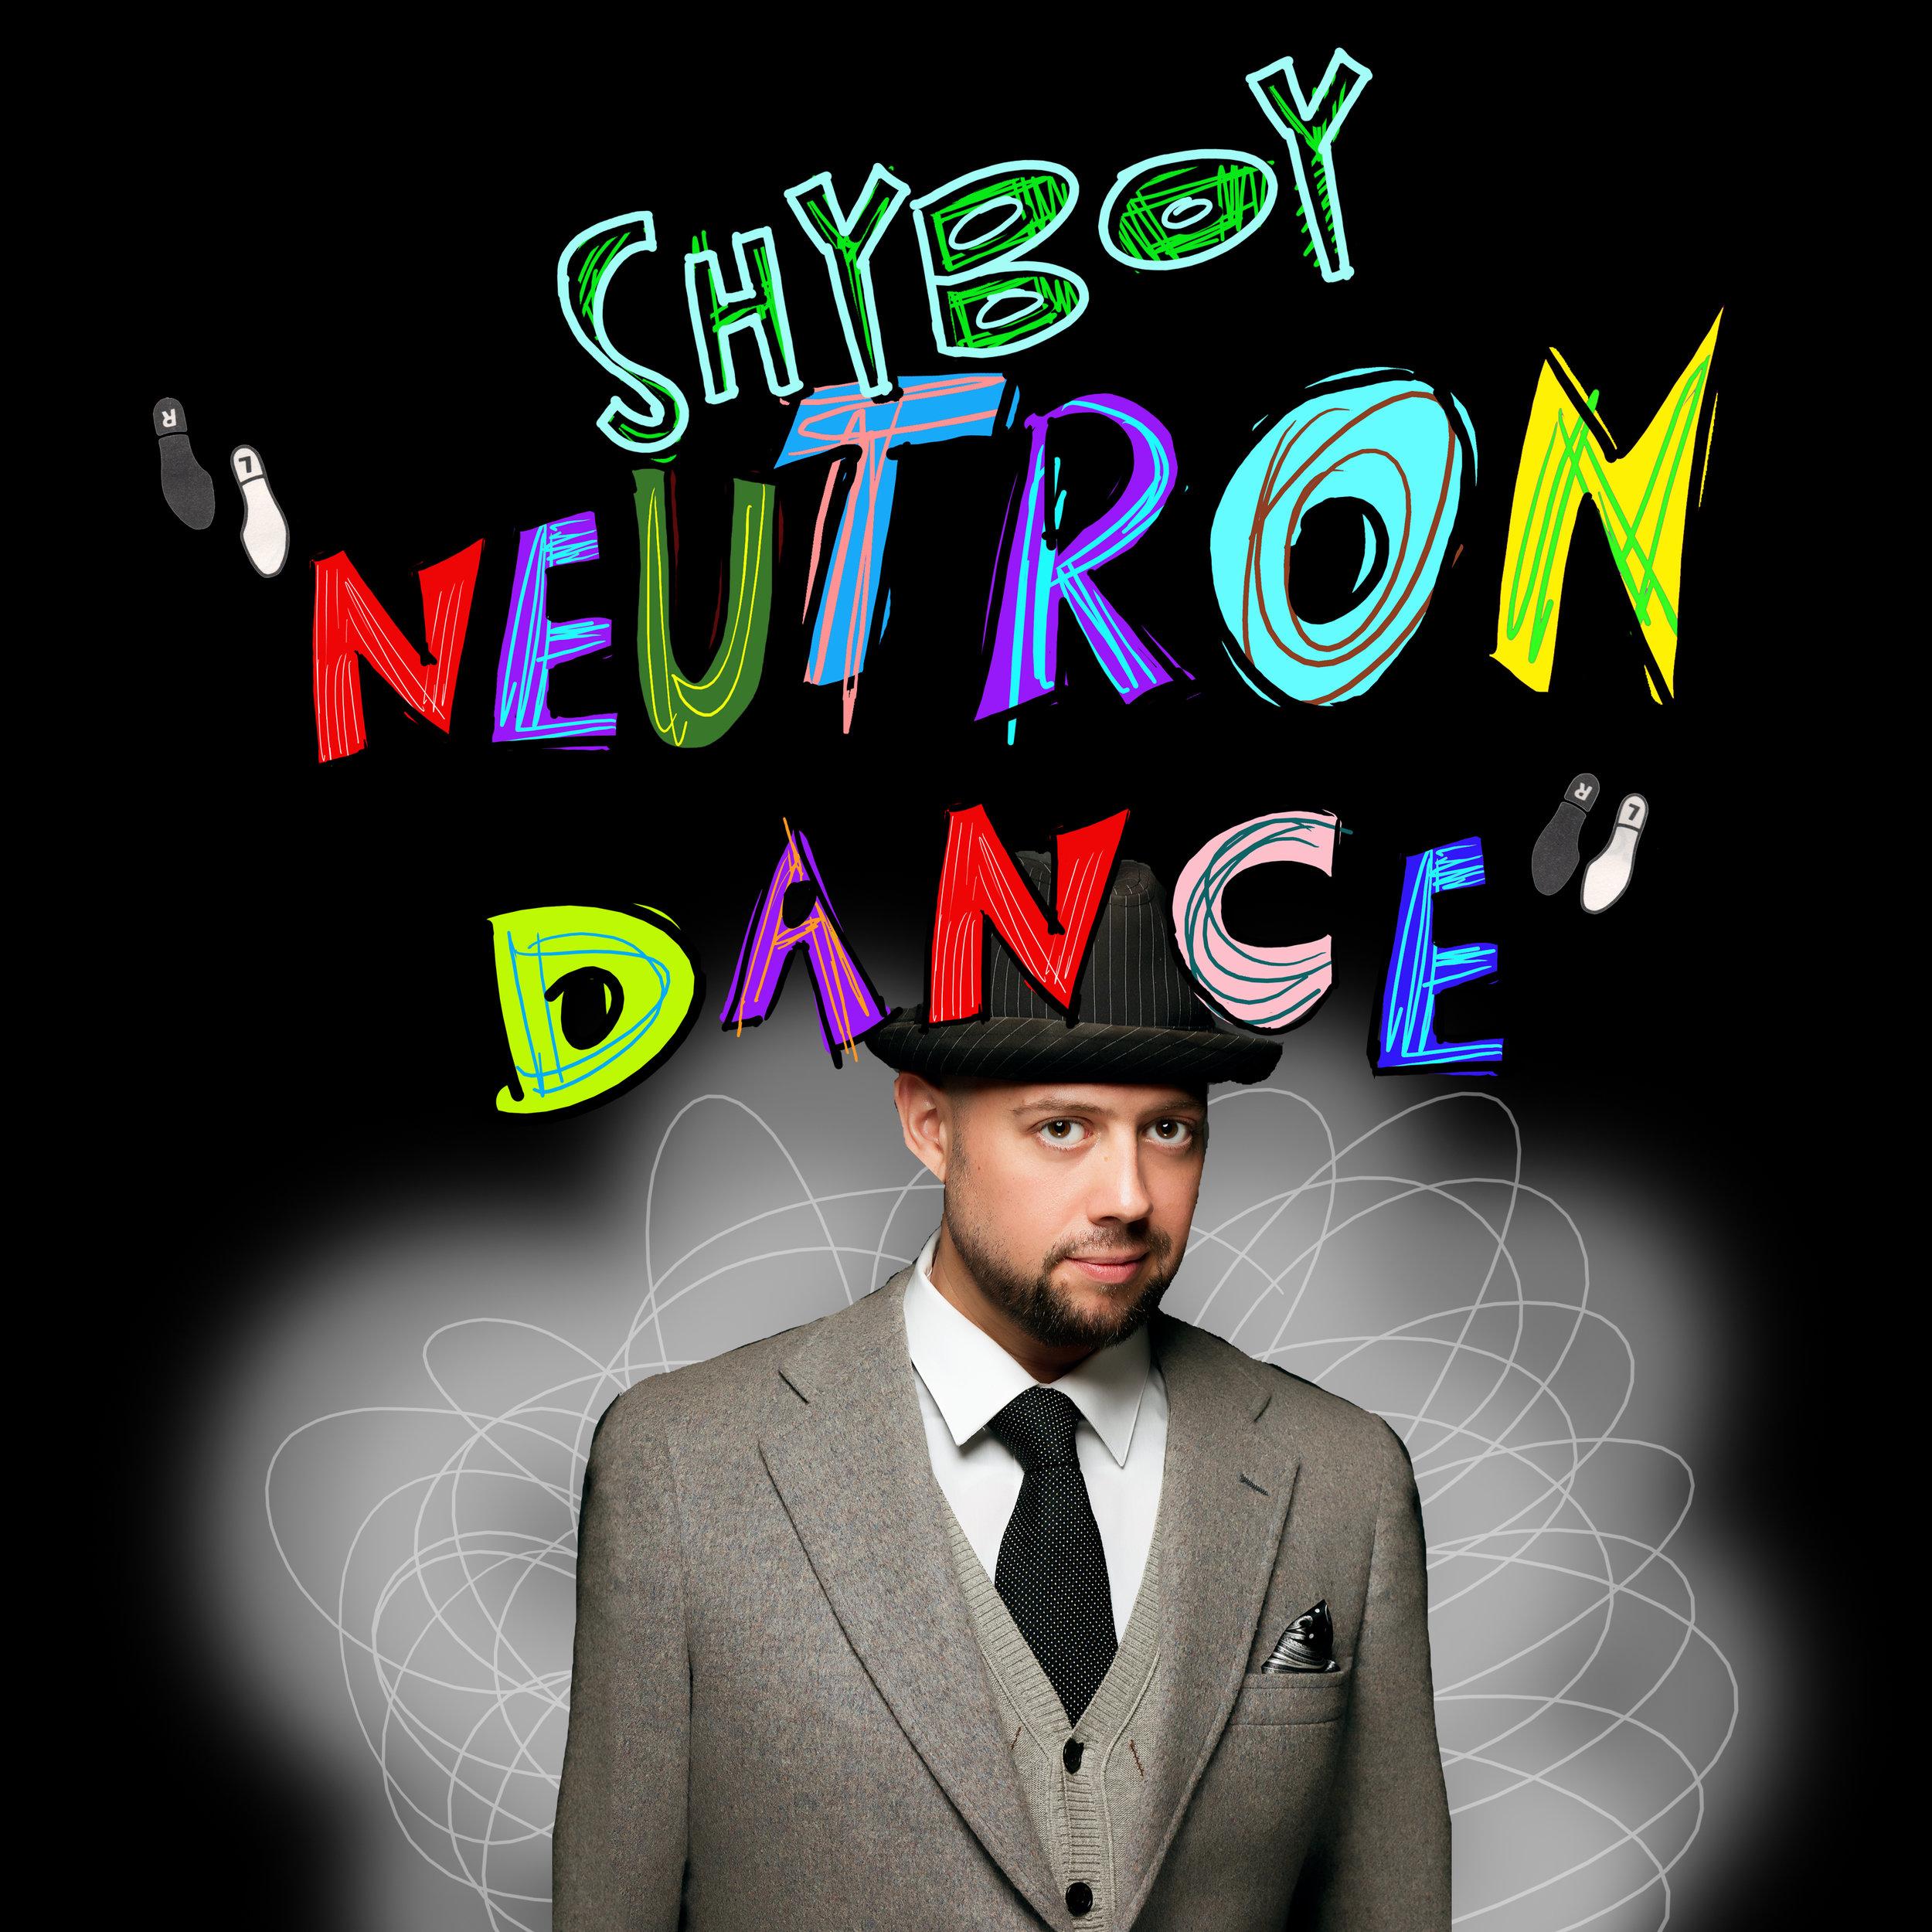 CD COVER-Neutron Dance V6-merge FINAL.jpg